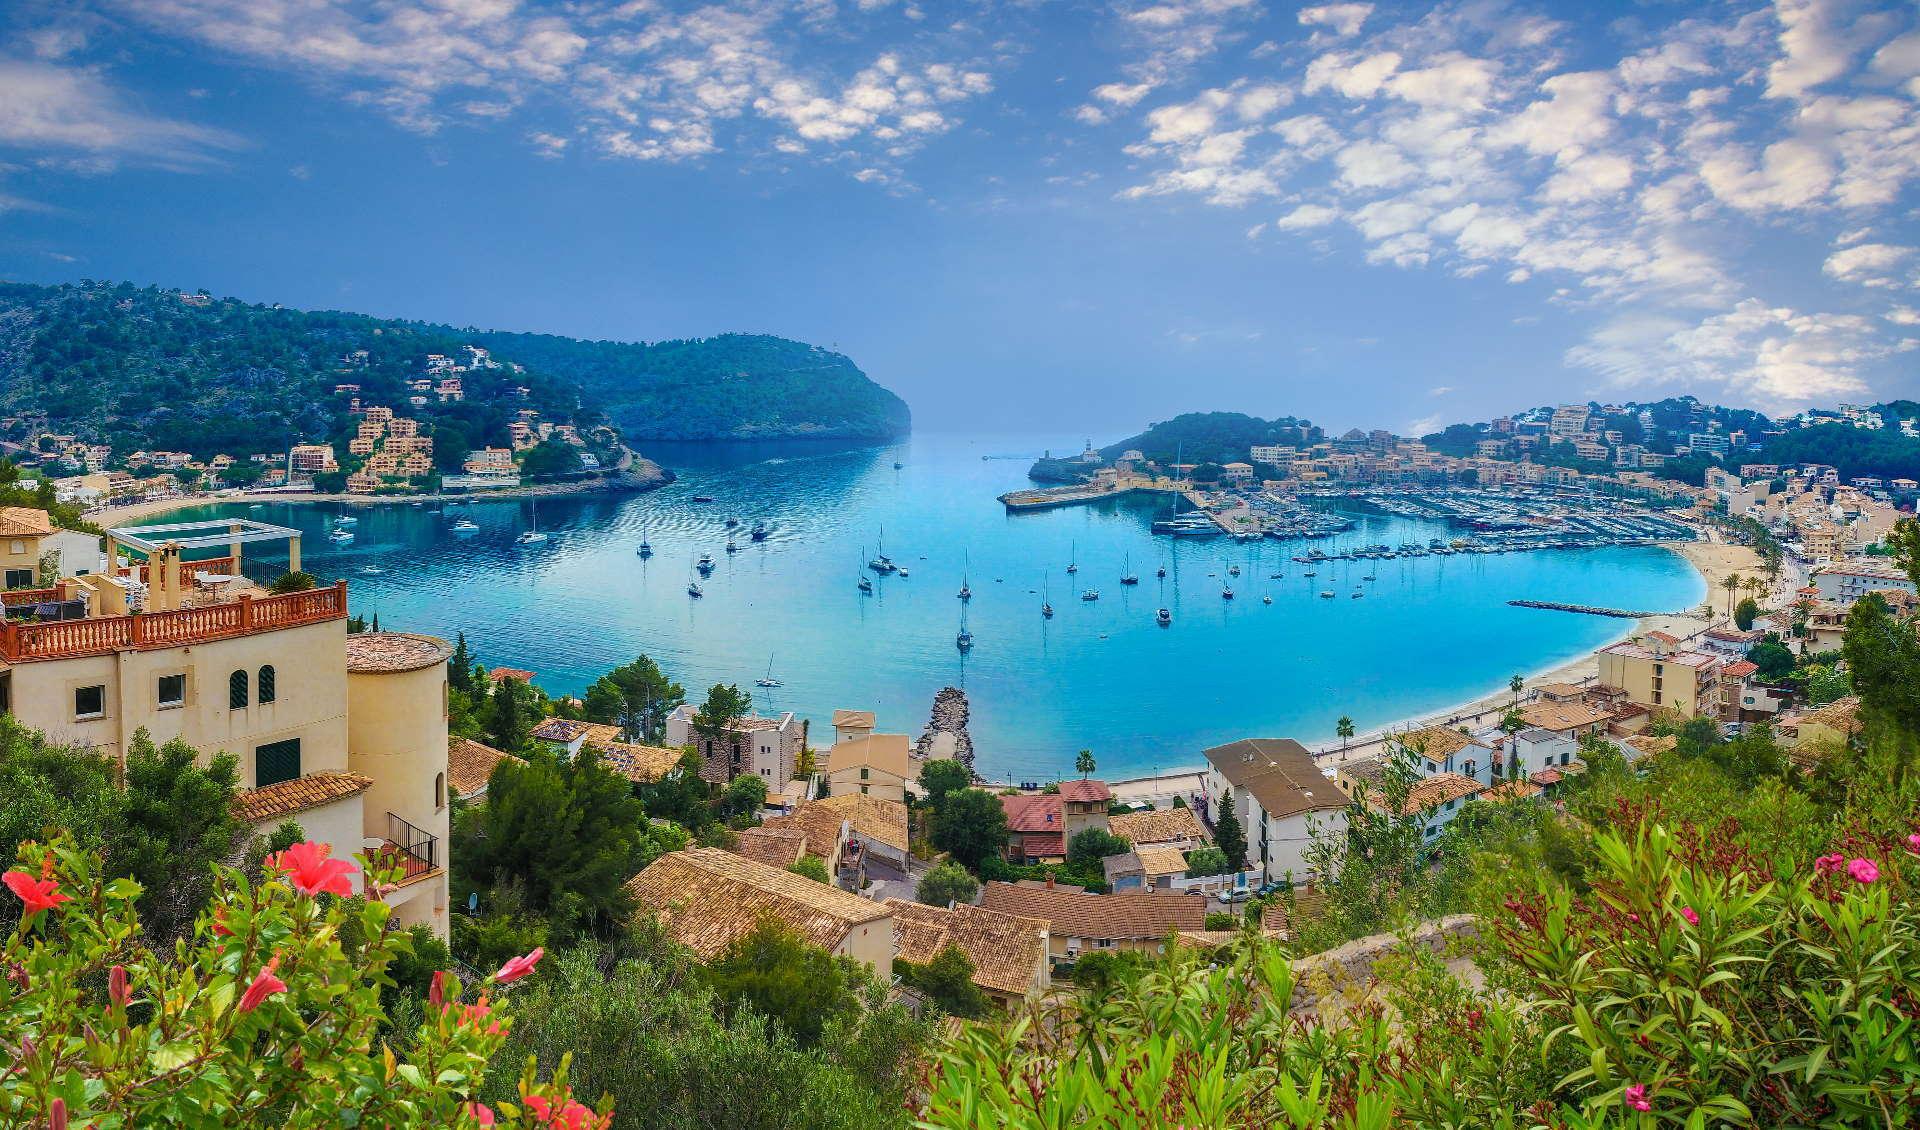 Курорт Майорка обычно самый шумный и дорогой в Испании